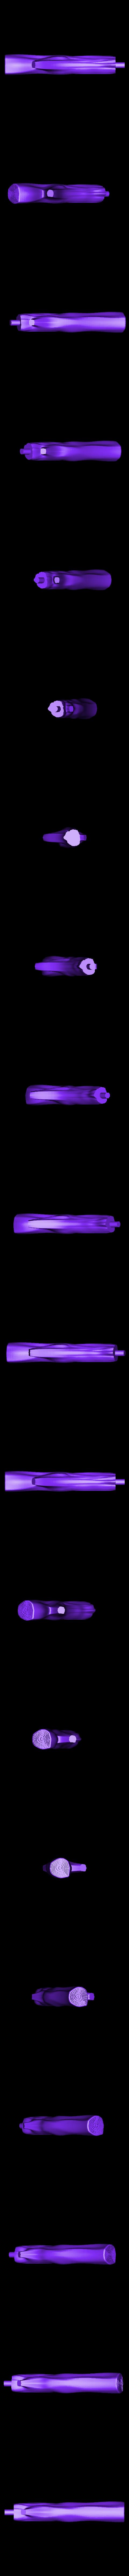 bras.stl Télécharger fichier STL gratuit Branche gratte-dos • Objet pour imprimante 3D, micaldez